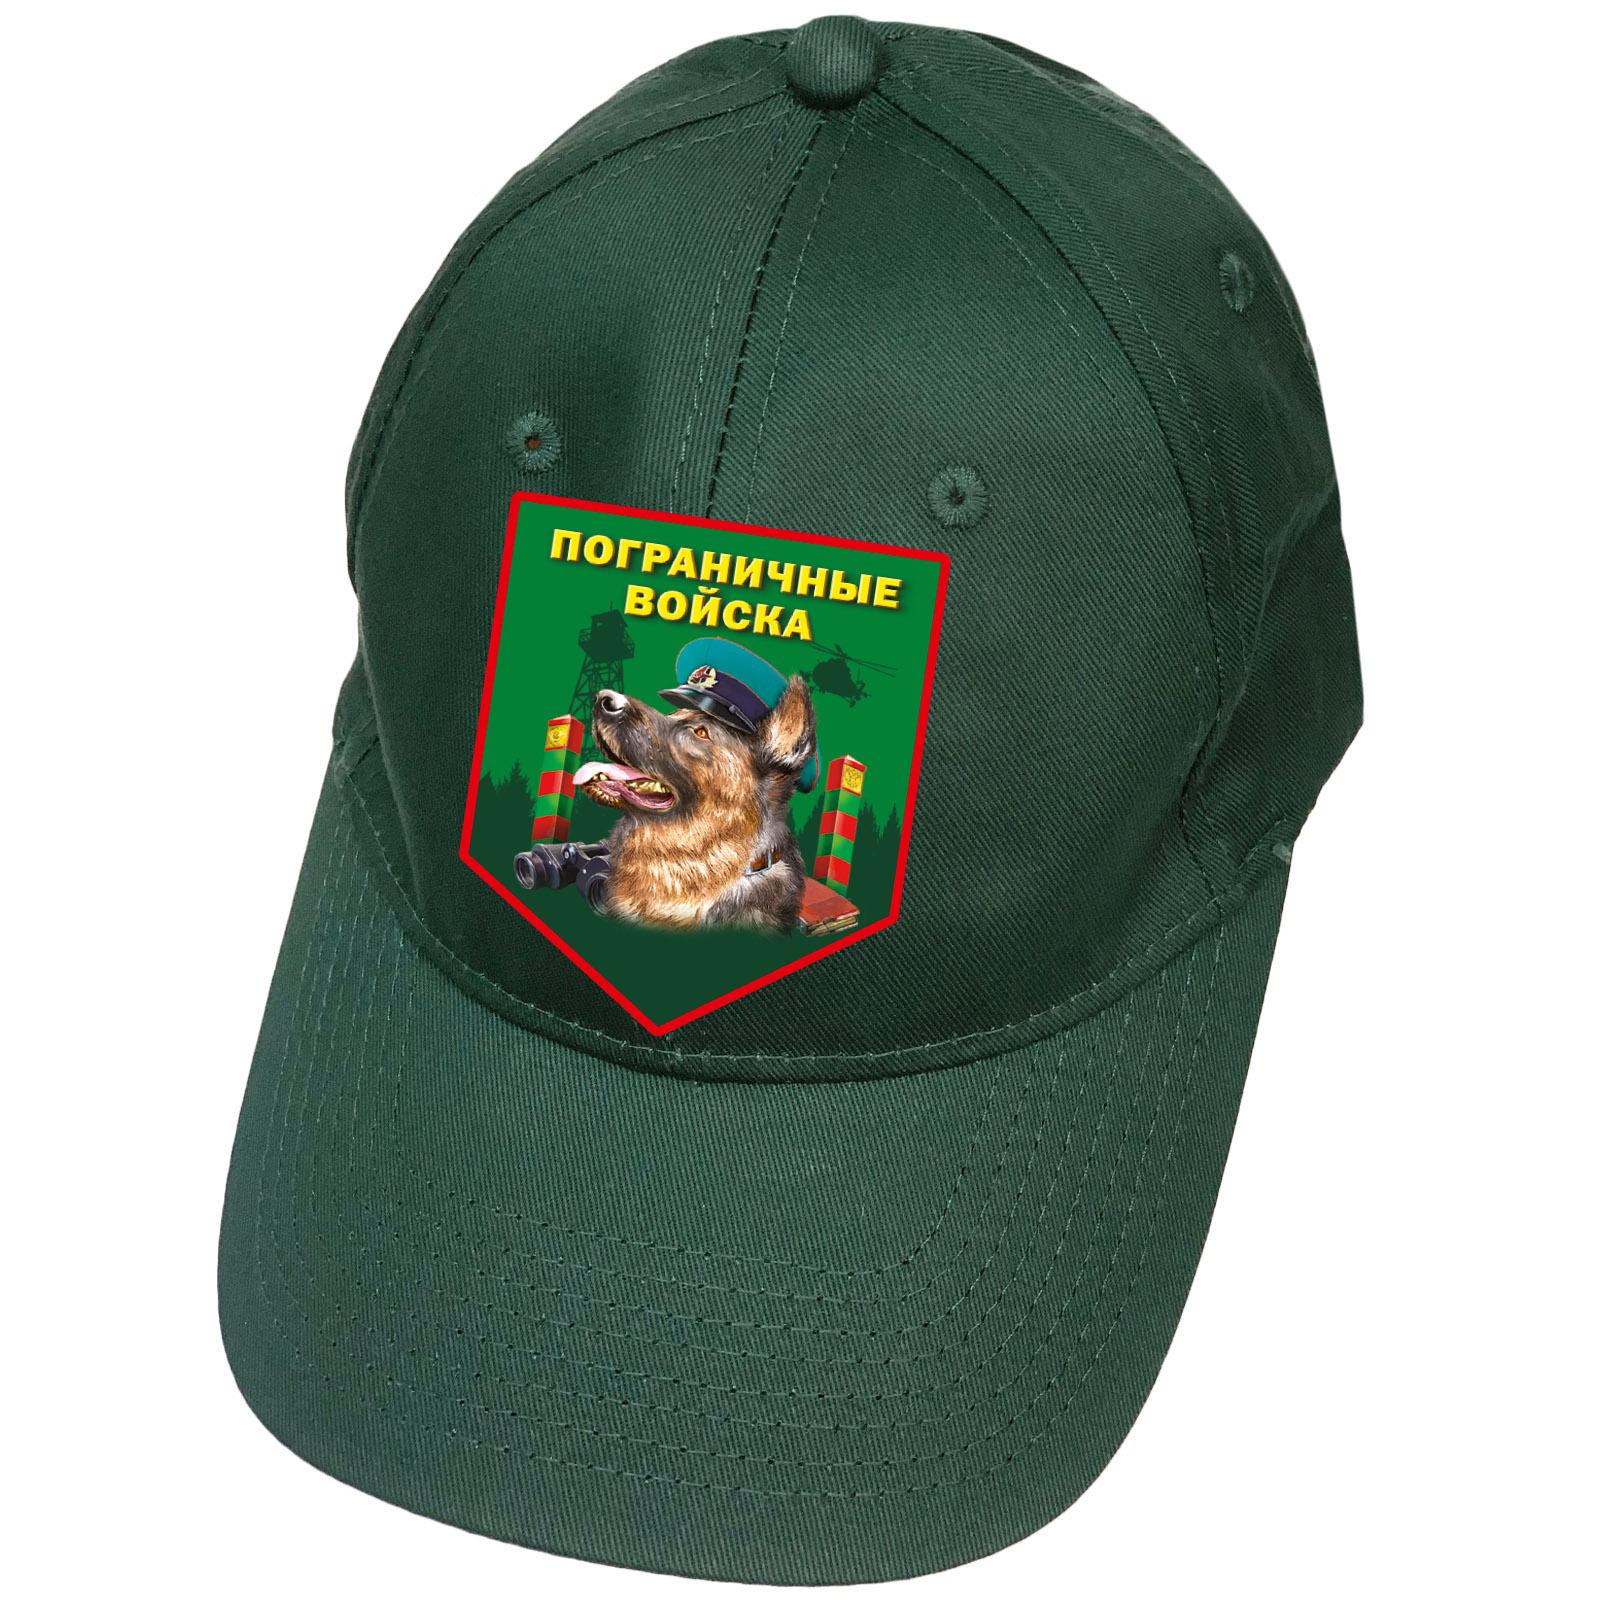 Мужская бейсболка с термоаппликацией Пограничные Войска